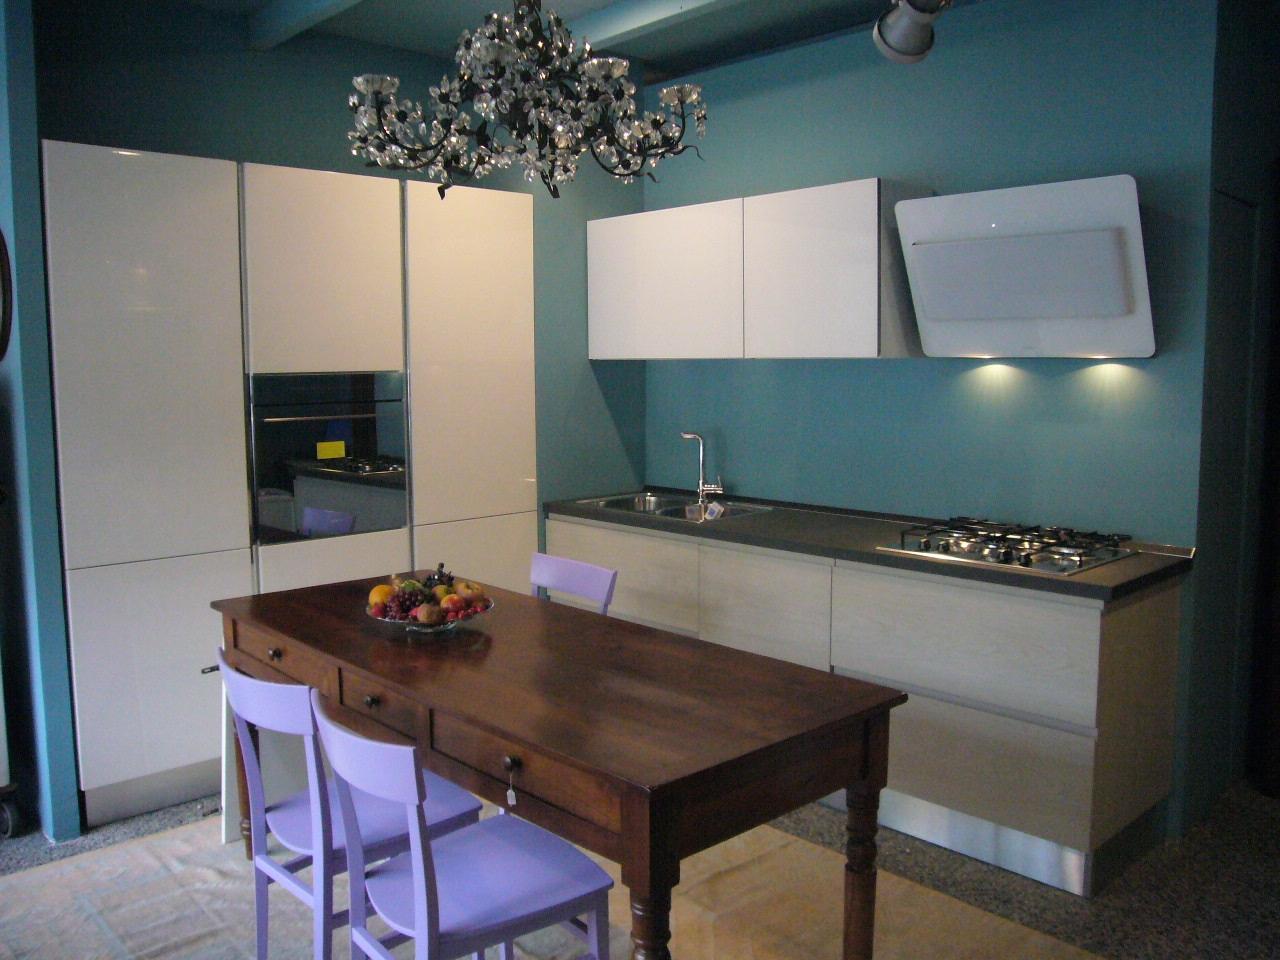 Cucine In Offerta A Roma. Cucina Cucine Offerta Torino Per Cucina ...